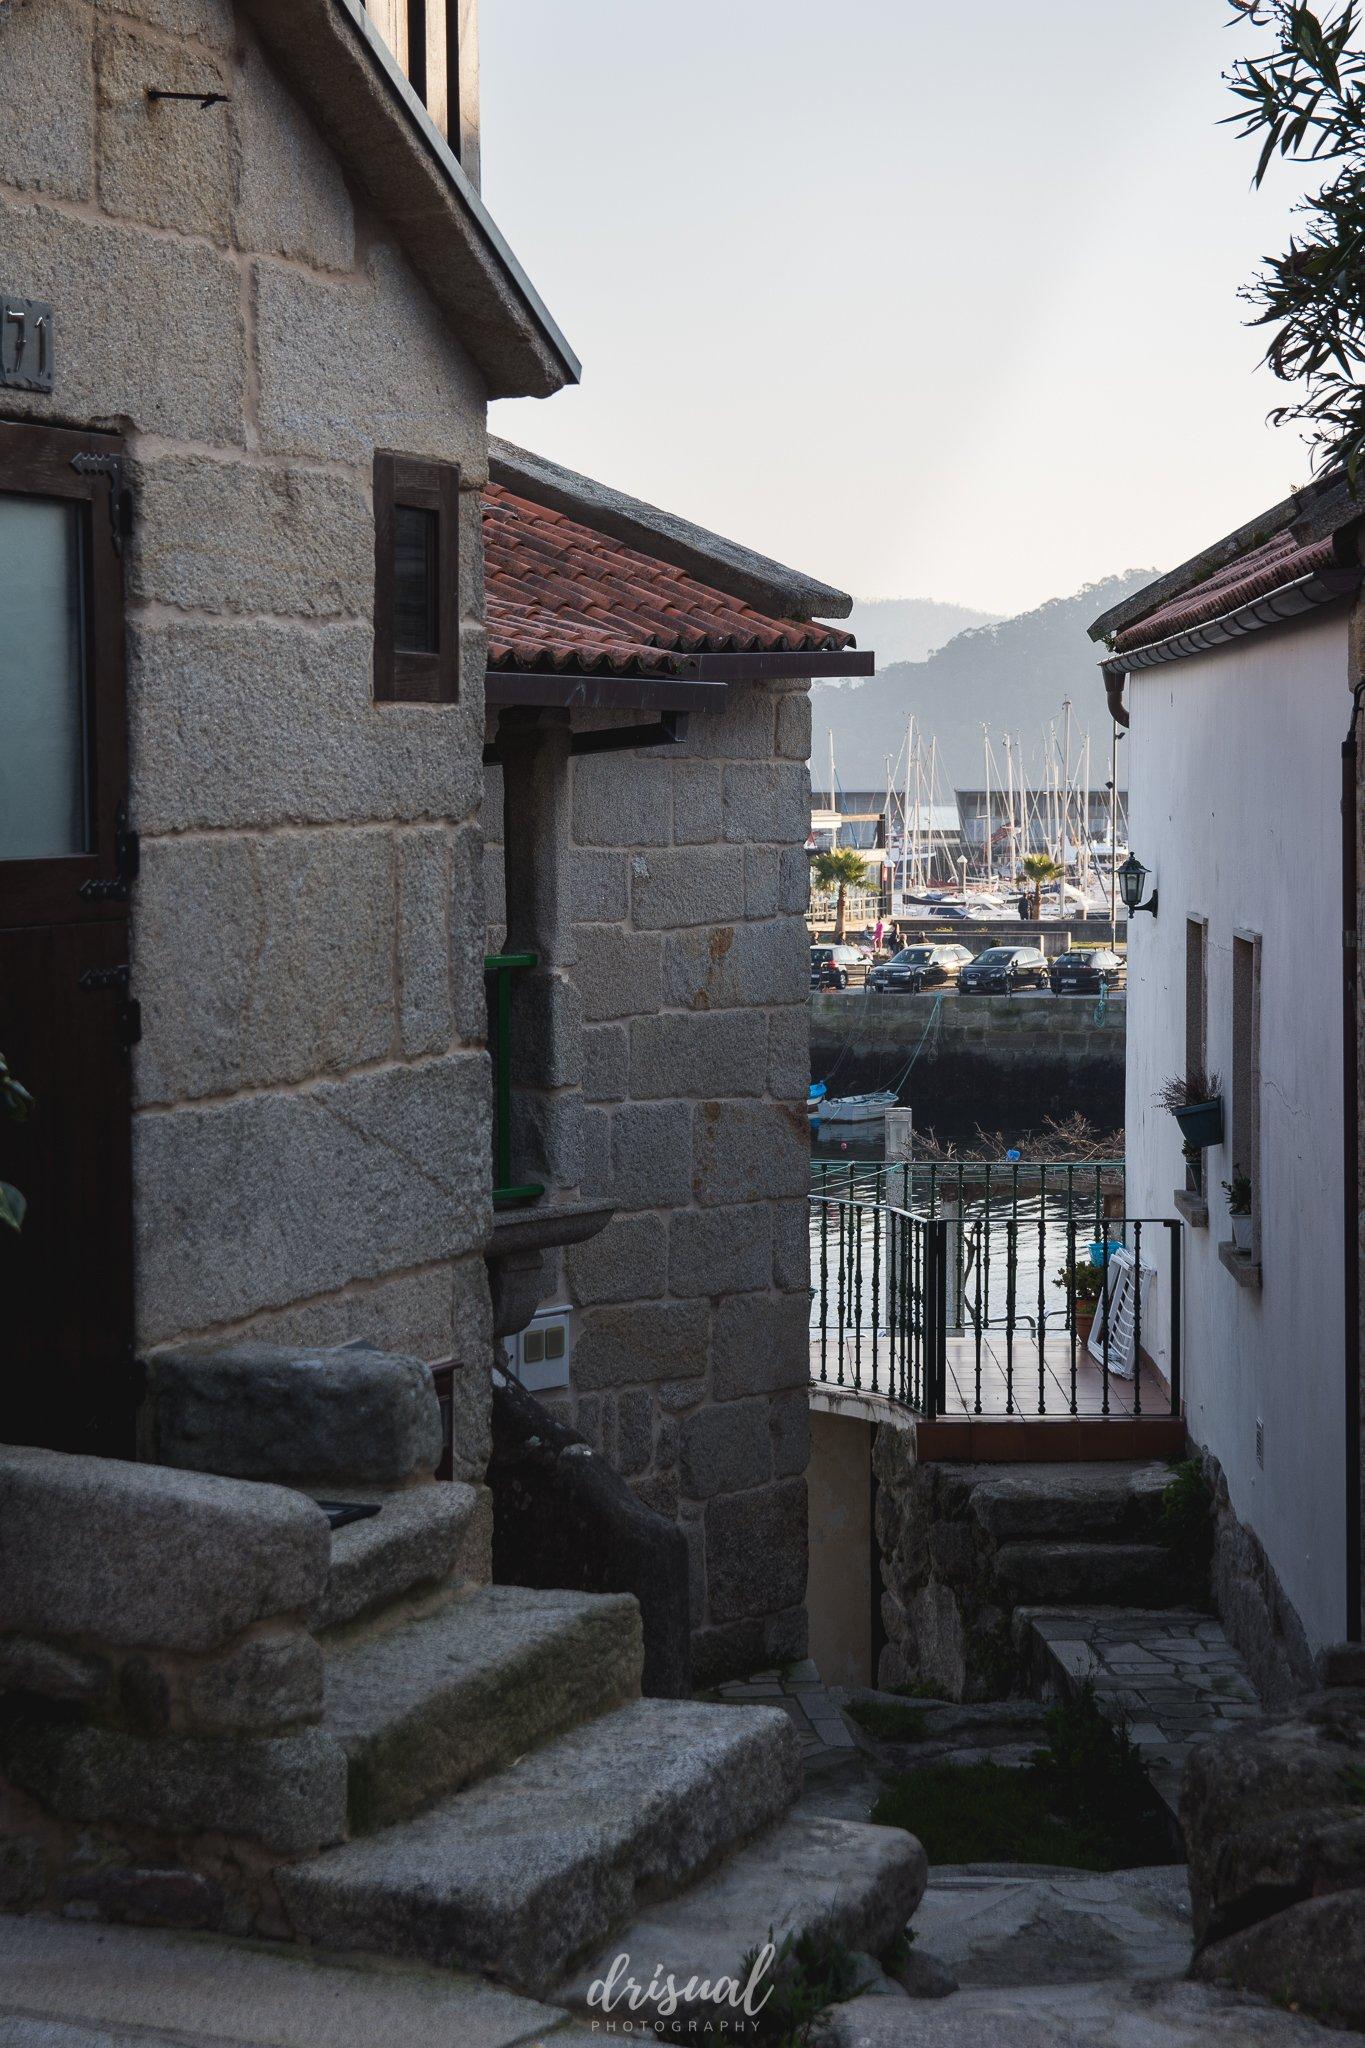 combarro, el puerto visto desde el centro histórico